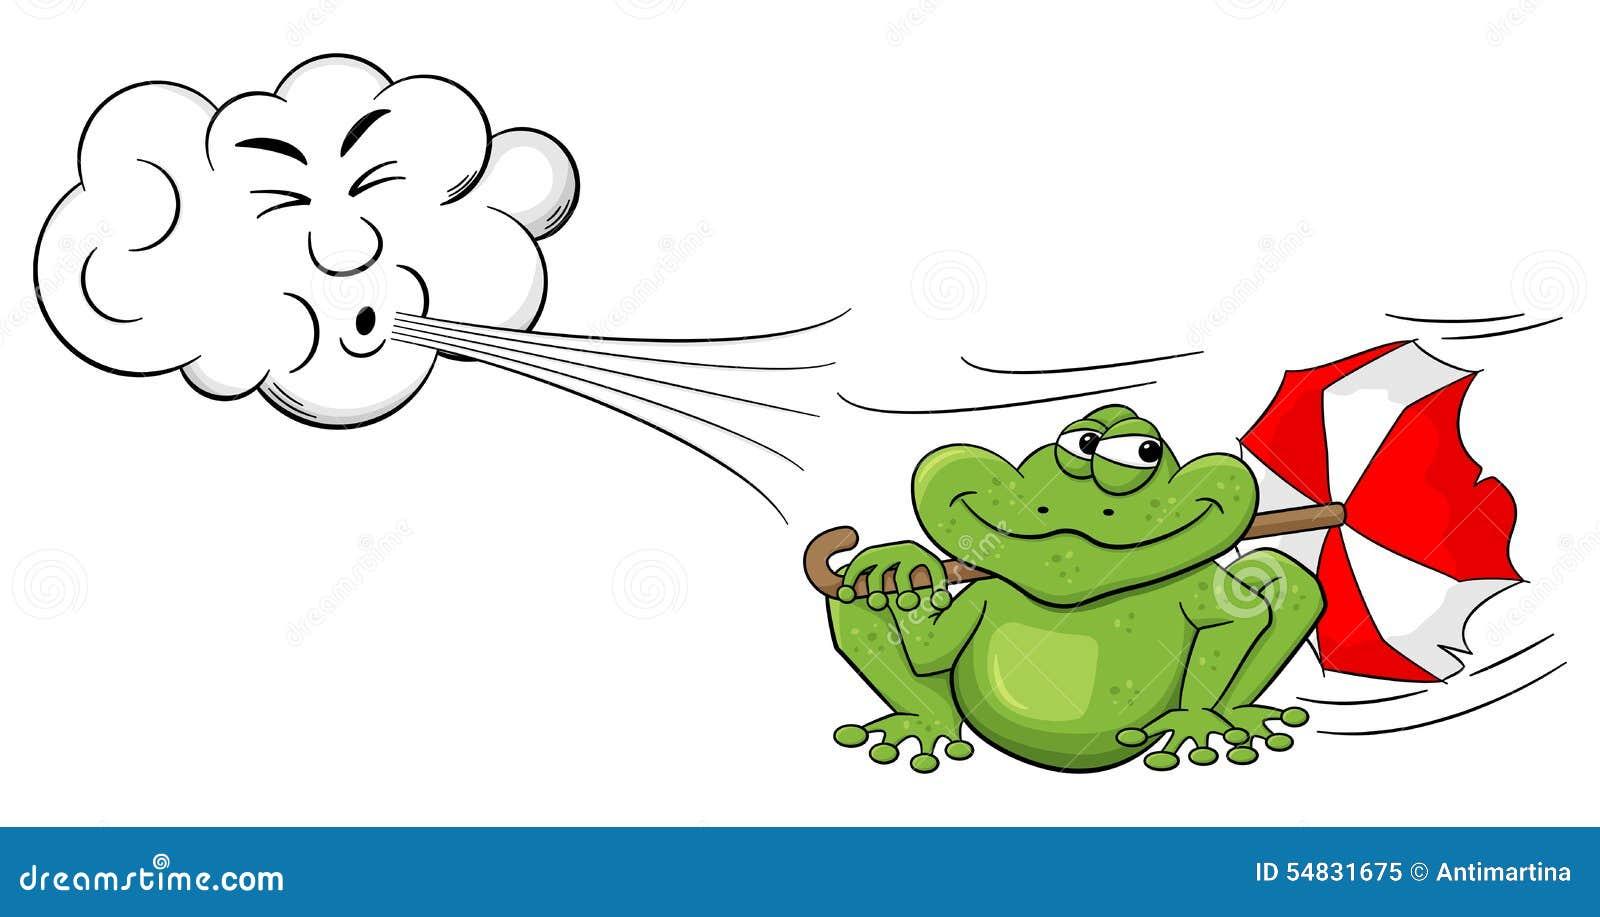 Ветер облака шаржа дуя на лягушке с зонтиком